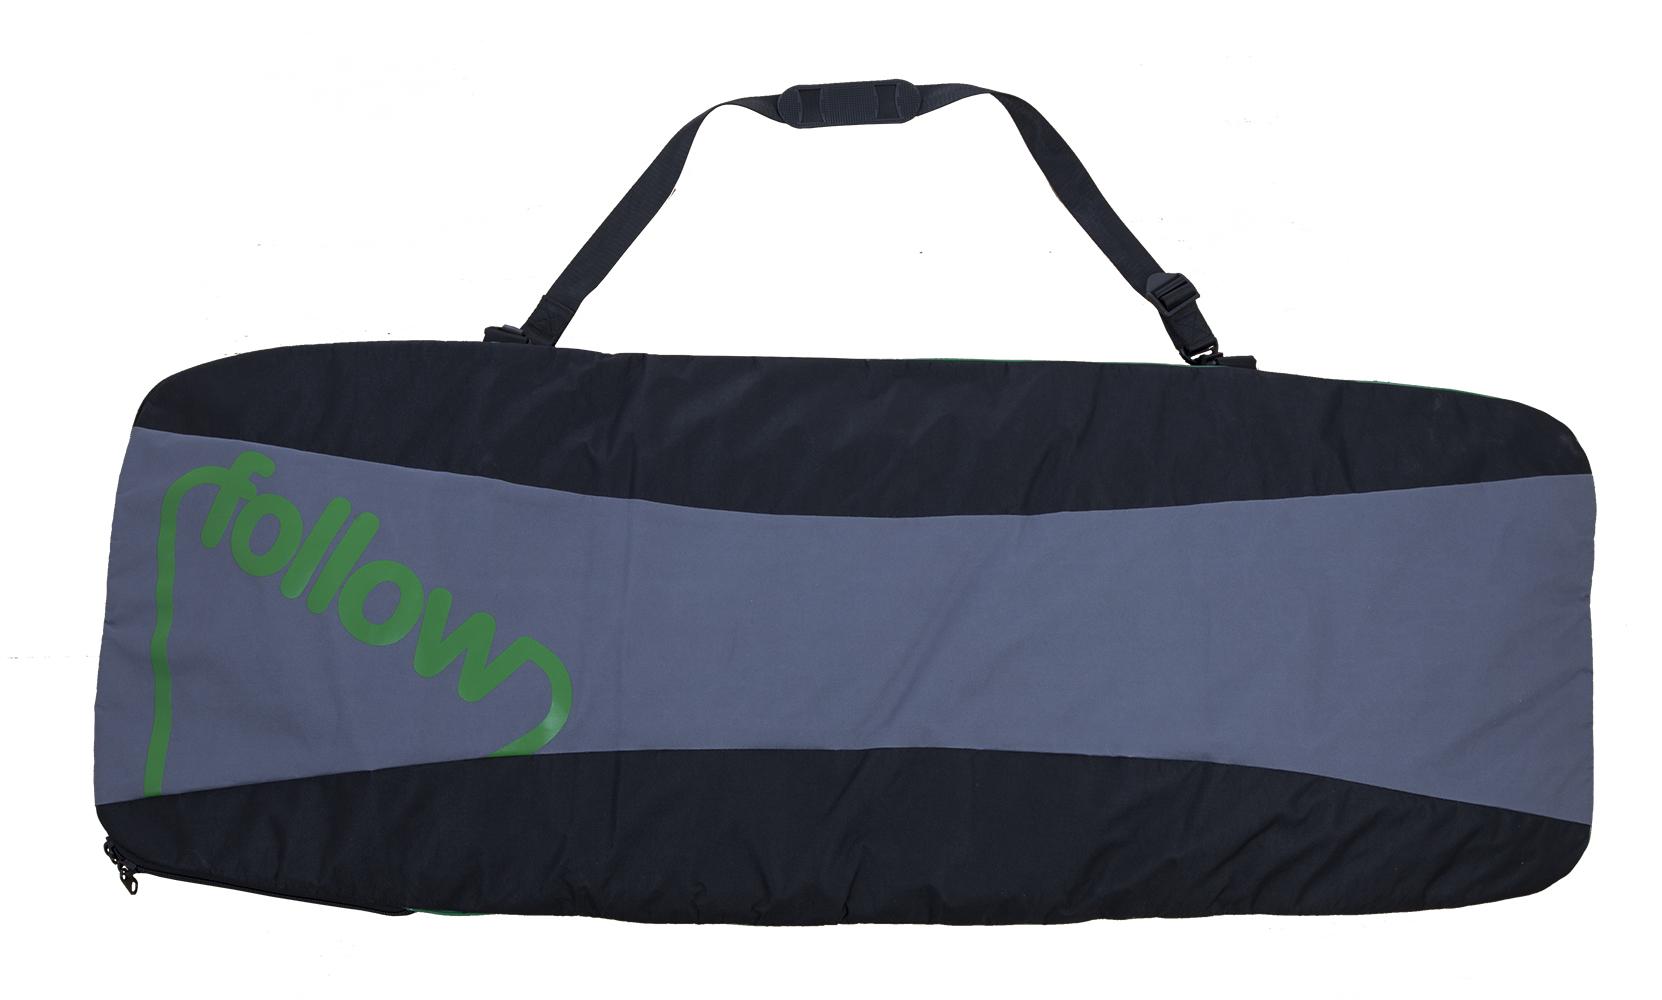 BASIC BOARD BAG FOLLOW 2018